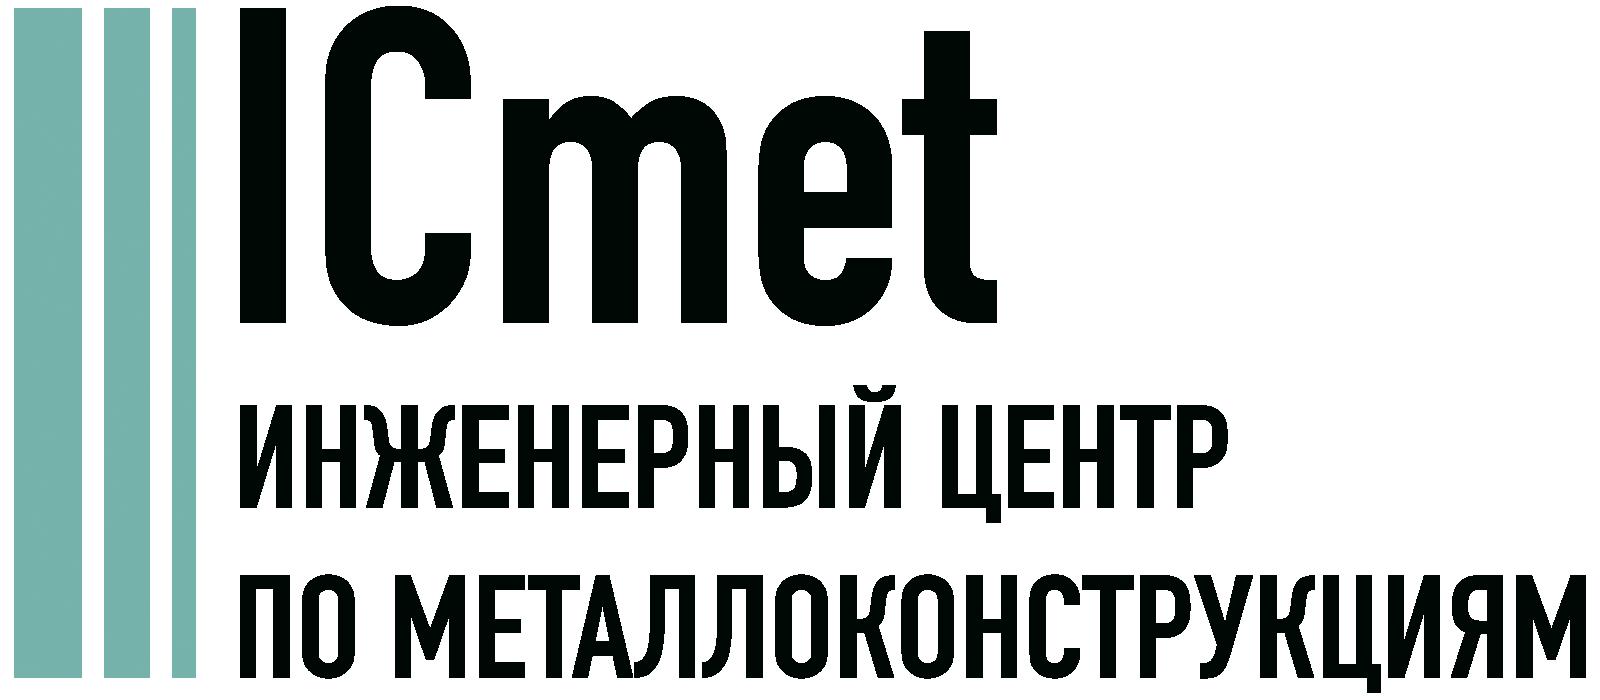 Проектирование металлоконструкций в Пскове